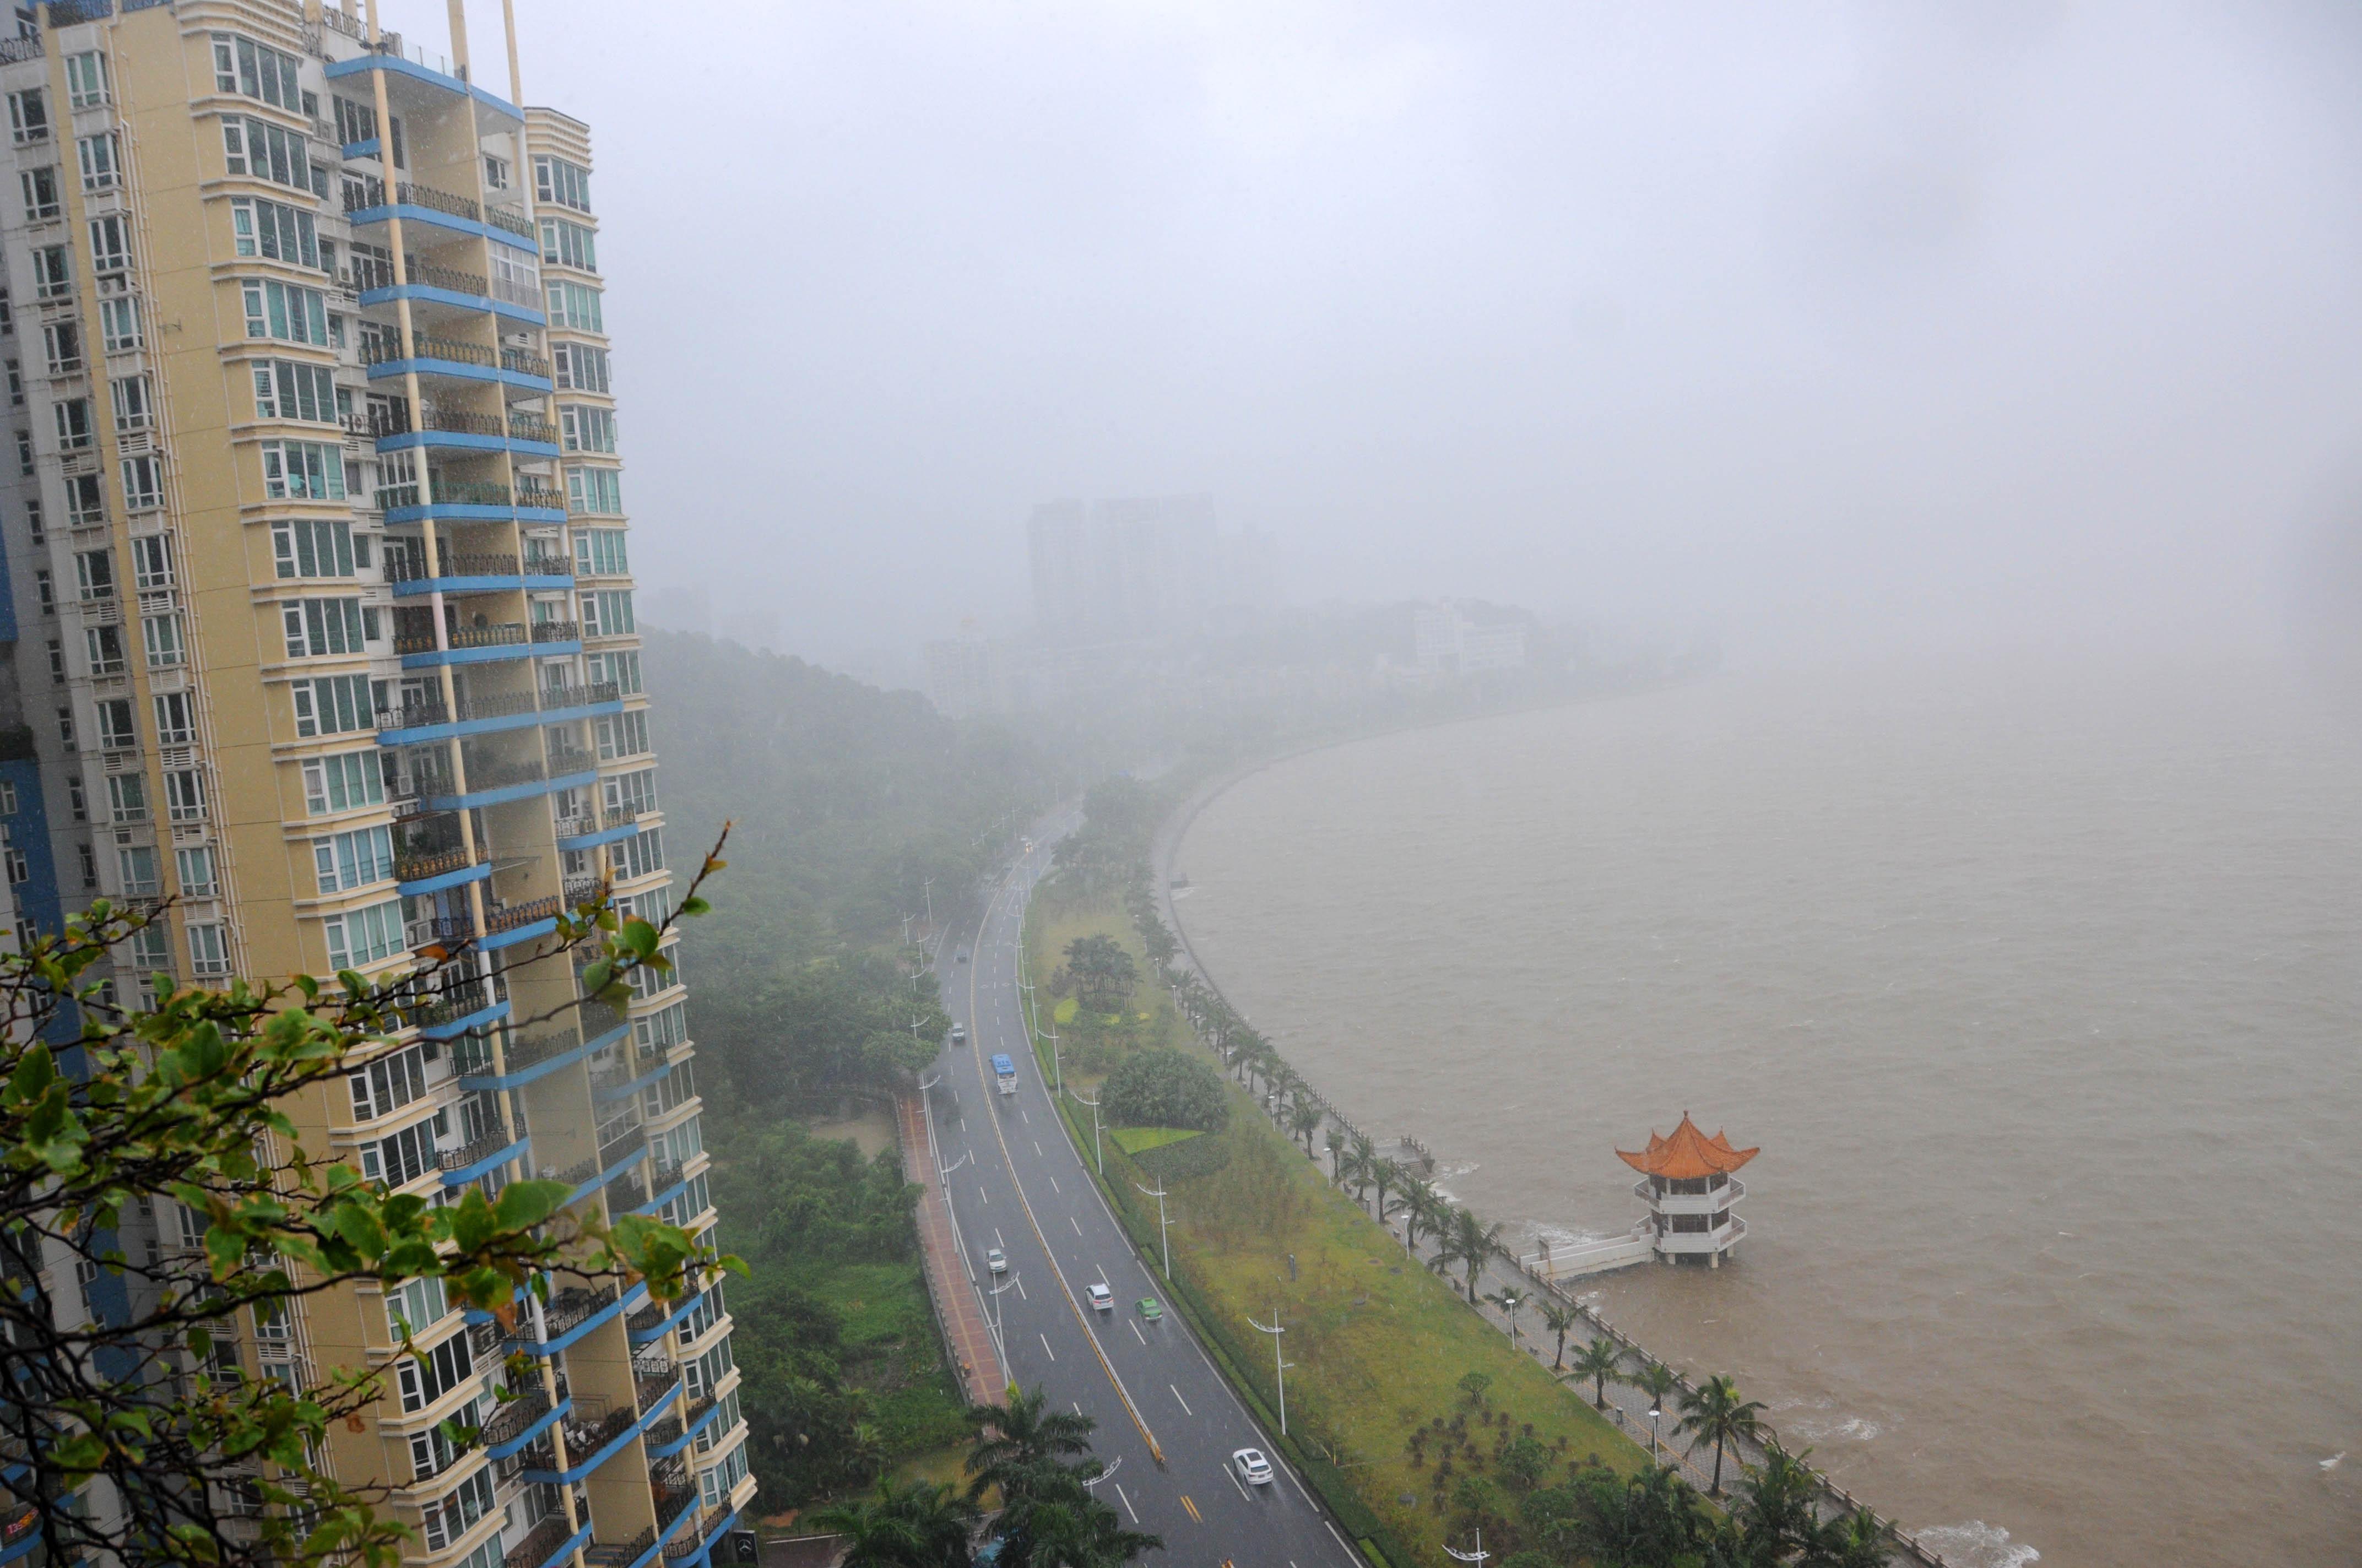 (160802) -- GUANGDONG, agosto 2, 2016 (Xinhua) -- Vista de la lluvia y niebla en Zhuhai, en la provincia de Guangdong, en el sur de China, el 2 de agosto de 2016. El tifón Nida tocó tierra a las 3:35 horas del martes en la península Dapeng de la ciudad de Shenzhen, en la provincia de Guangdong, en el sur de China, informaron las autoridades meteorológicas locales. El fuerte tifón, con vientos de hasta 151.2 kilómetros por hora, se está desplazando hacia el noroeste con una velocidad de 25 kilómetros por hora, y está previsto que azote las ciudades de Shenzhen, Dongguan, Guangzhou, Foshan y Zhaoqing, así como la vecina región autónoma de la etnia zhuang de Guangxi, según las autoridades meteorológicas provinciales de Guangdong. (Xinhua/Zhou Ke) (ah)